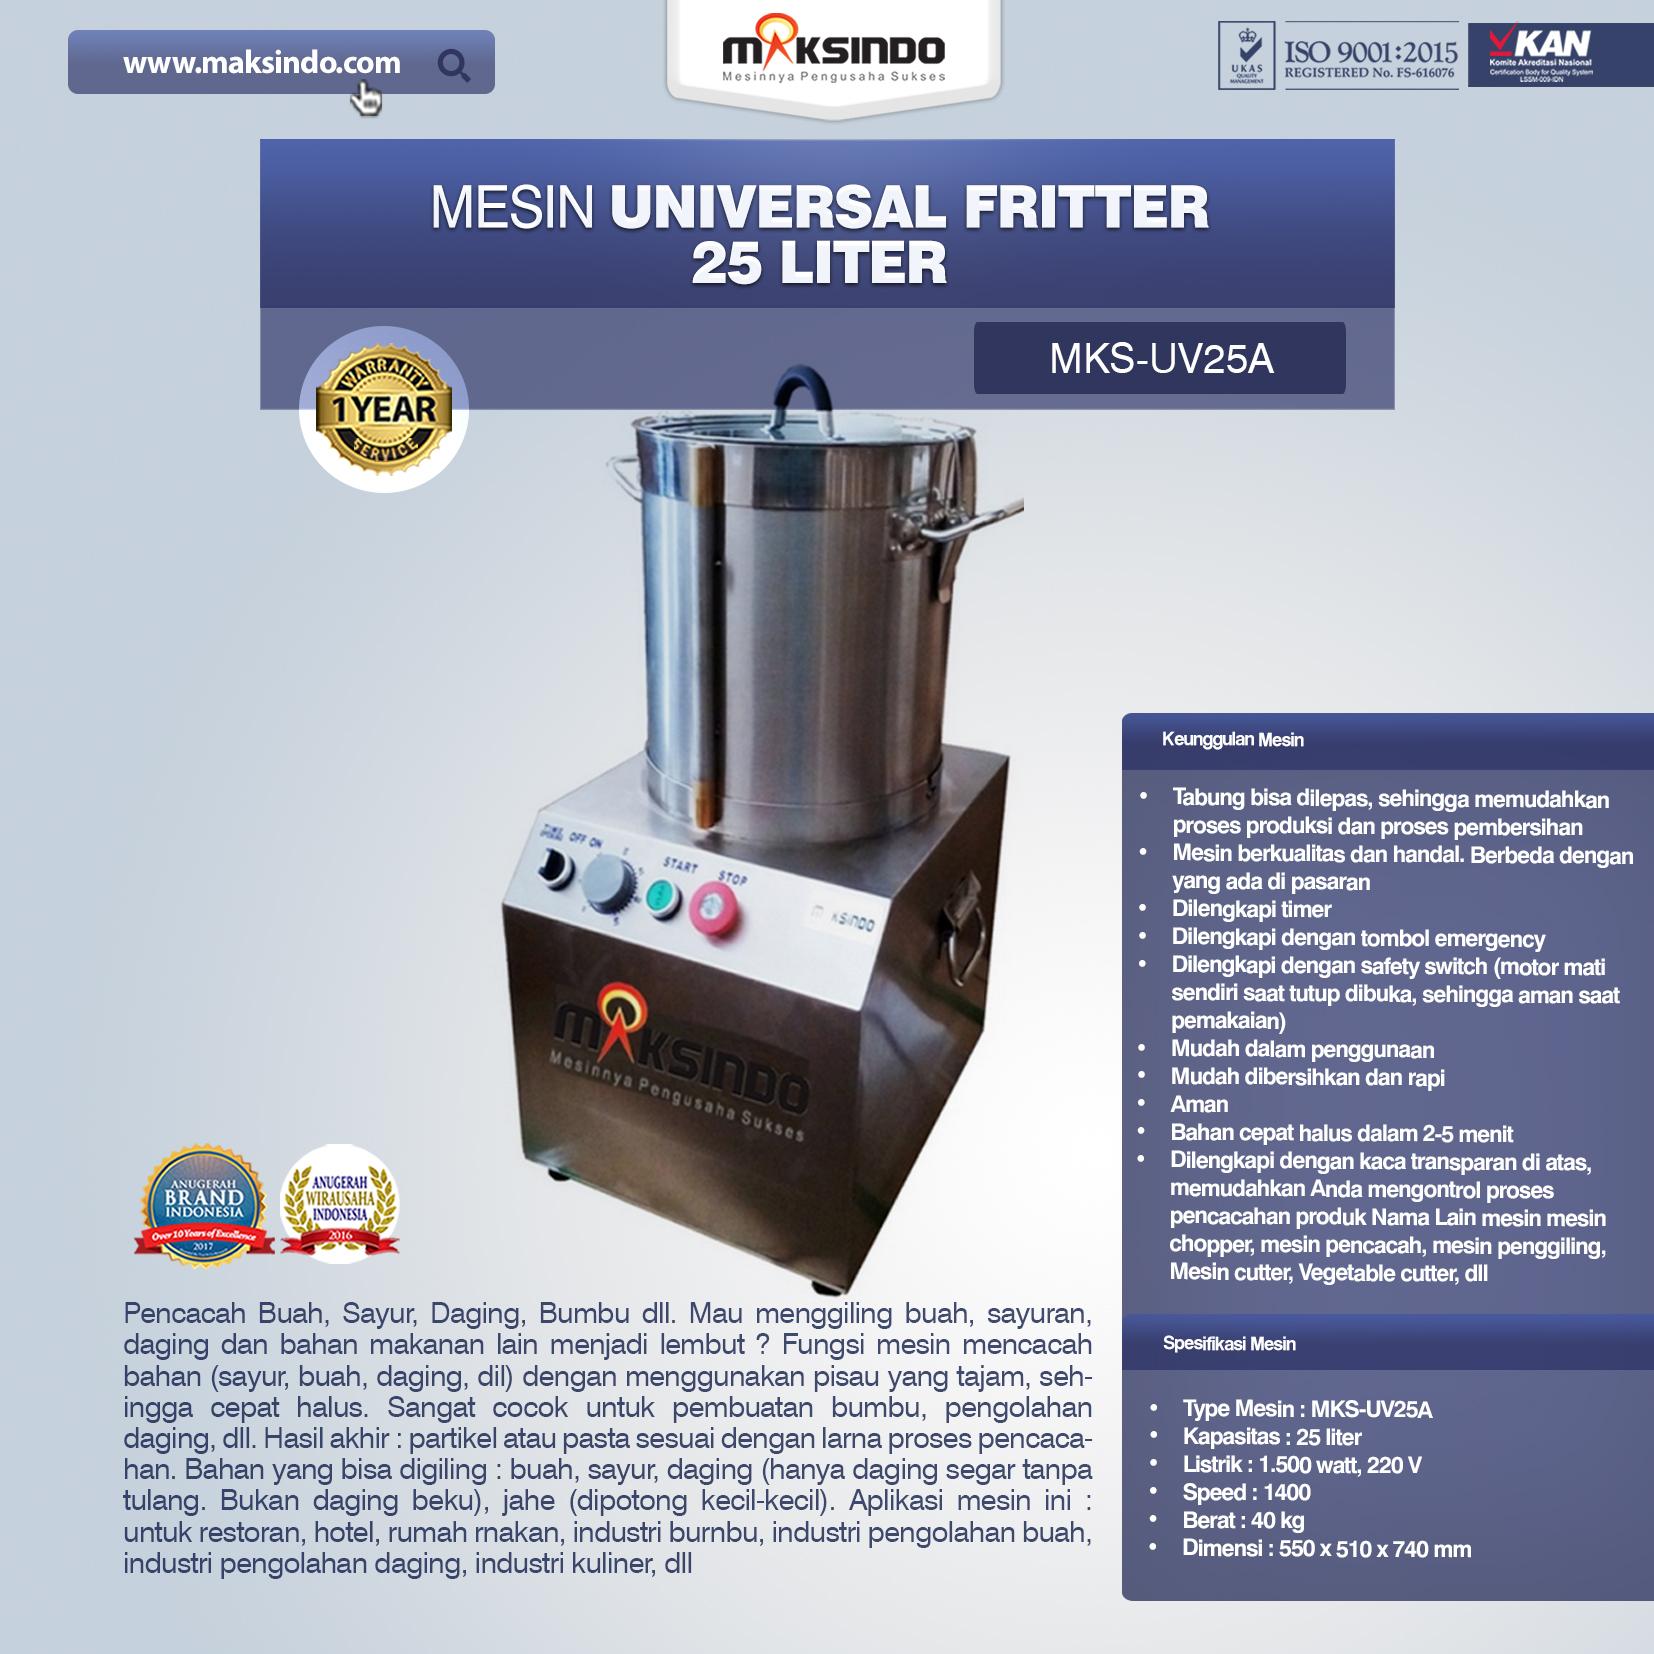 Universal Fritter 25 Liter MKS-UV25A